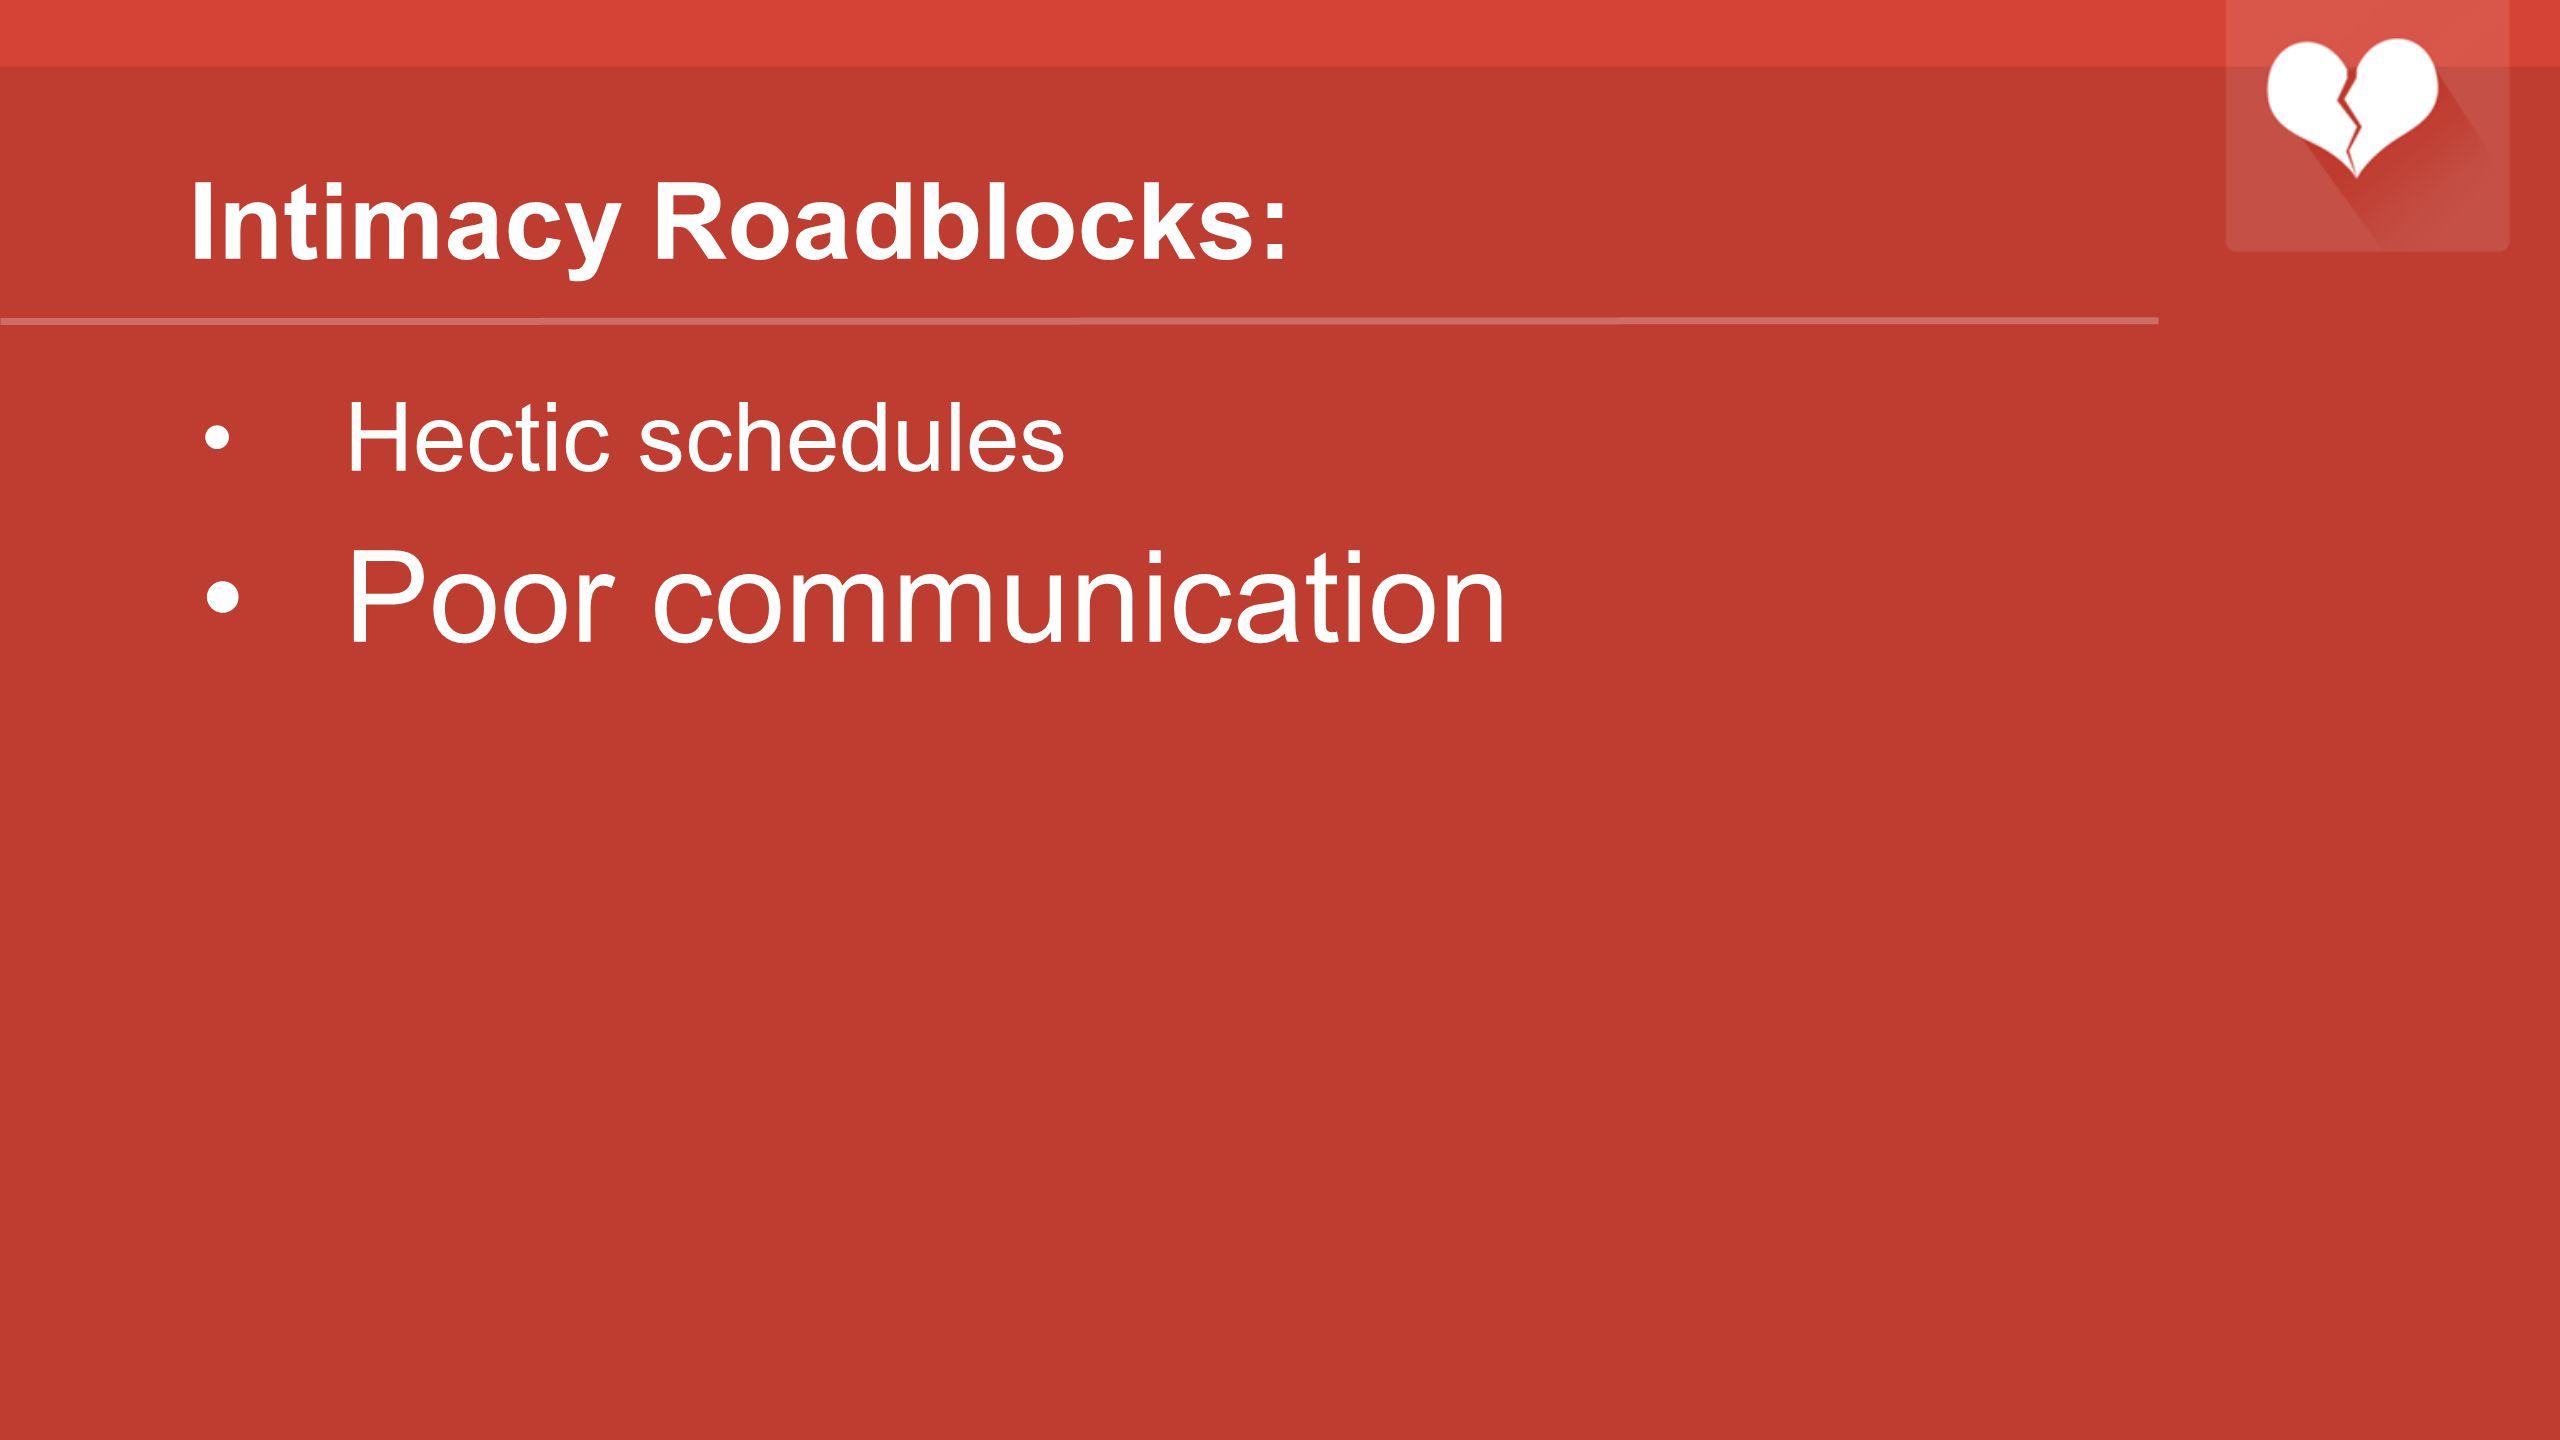 Intimacy Roadblocks: Hectic schedules Poor communication